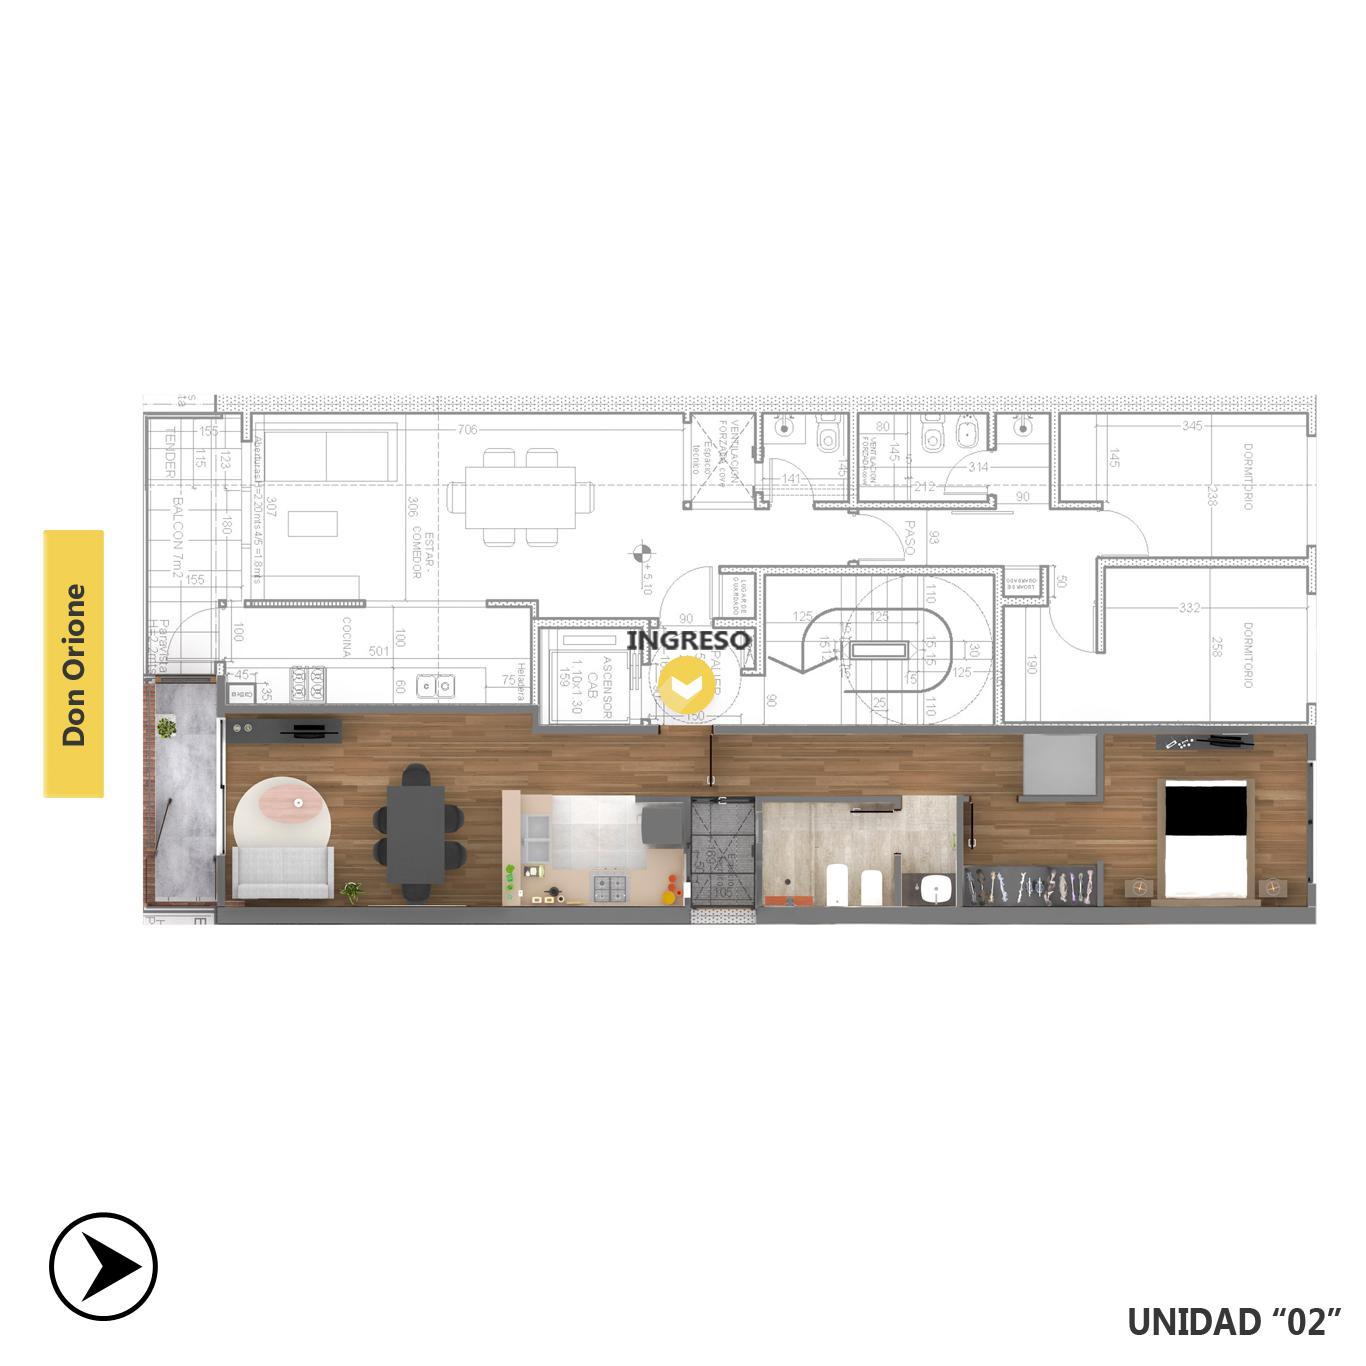 Venta departamento 1 dormitorio Rosario, Puerto Norte. Cod CBU23612 AP2220151. Crestale Propiedades